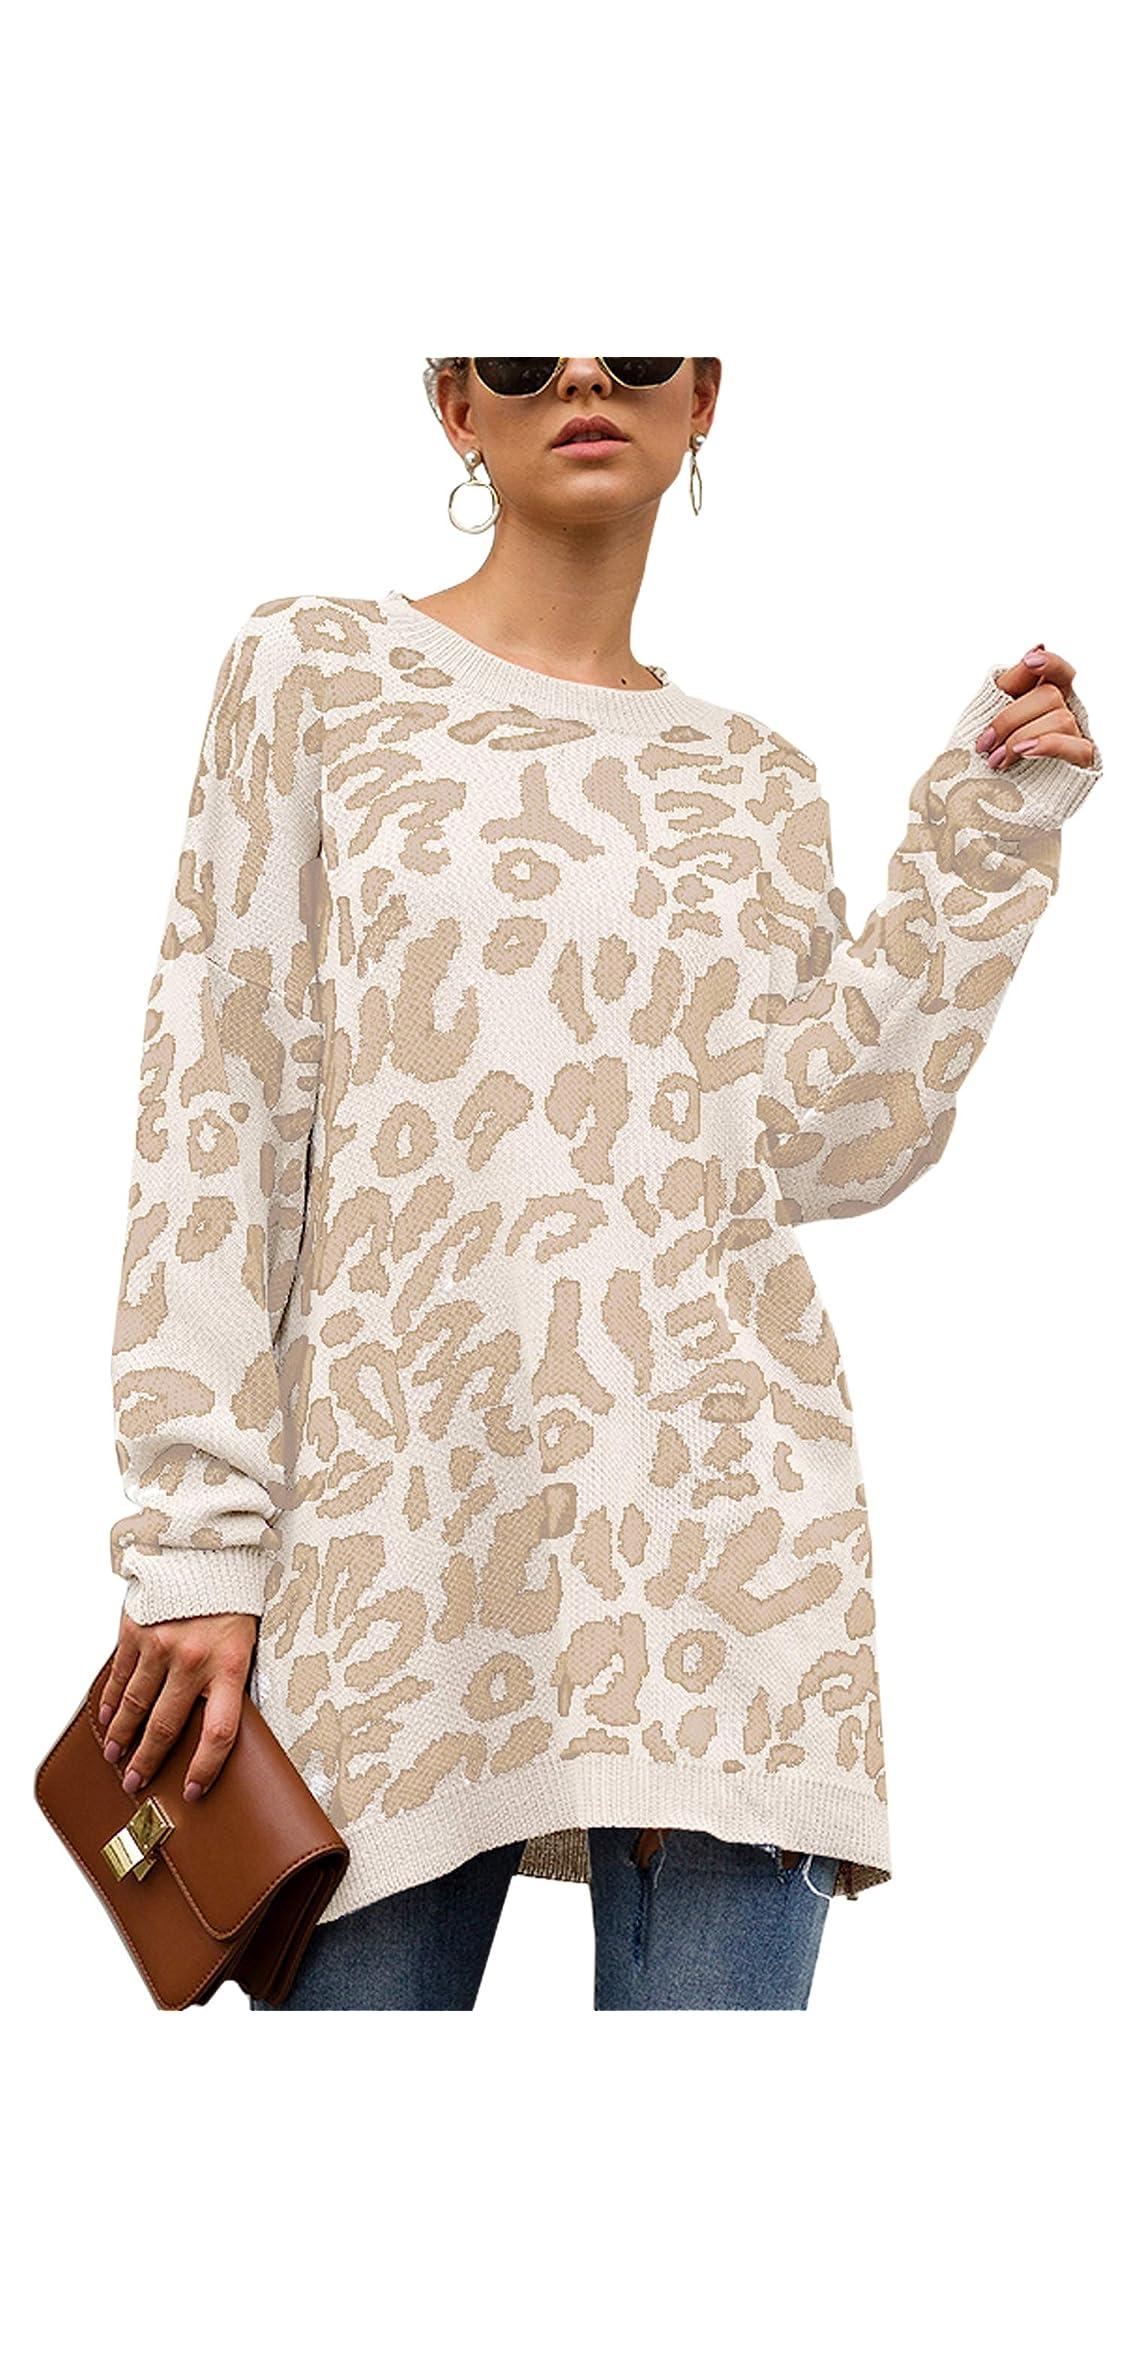 Women's Oversized Leopard Print Sweater Long Sleeve Tops